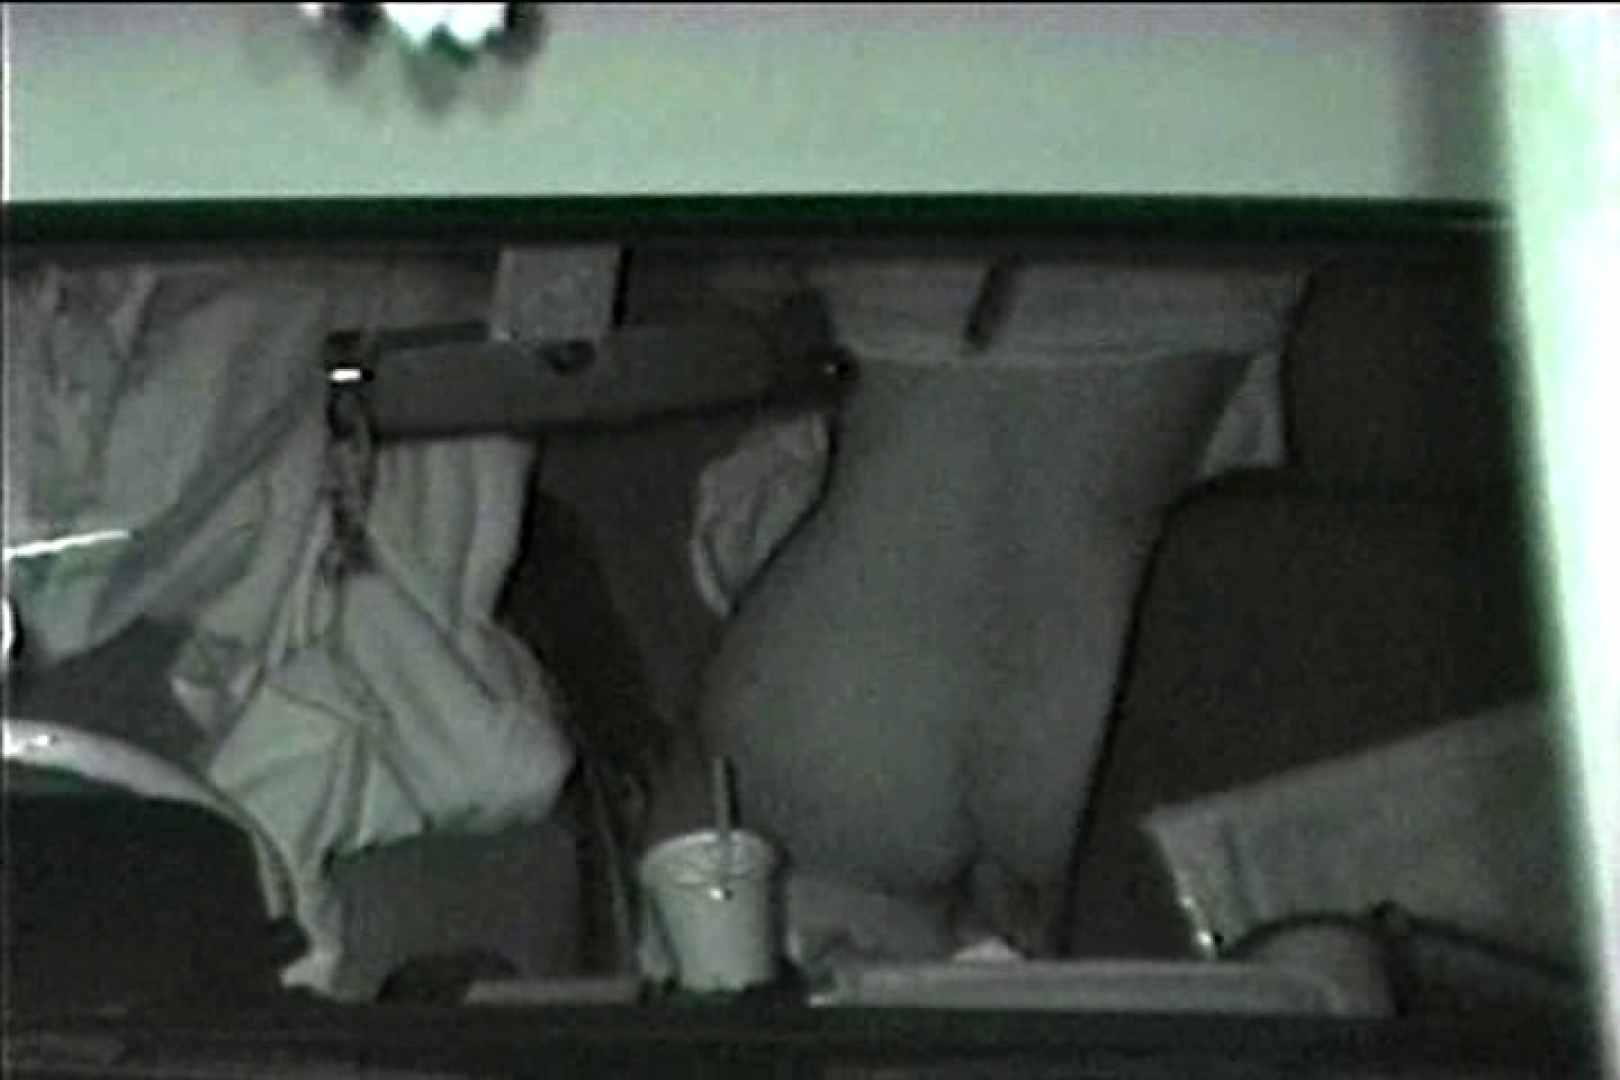 車の中はラブホテル 無修正版  Vol.7 ラブホテル  81画像 16